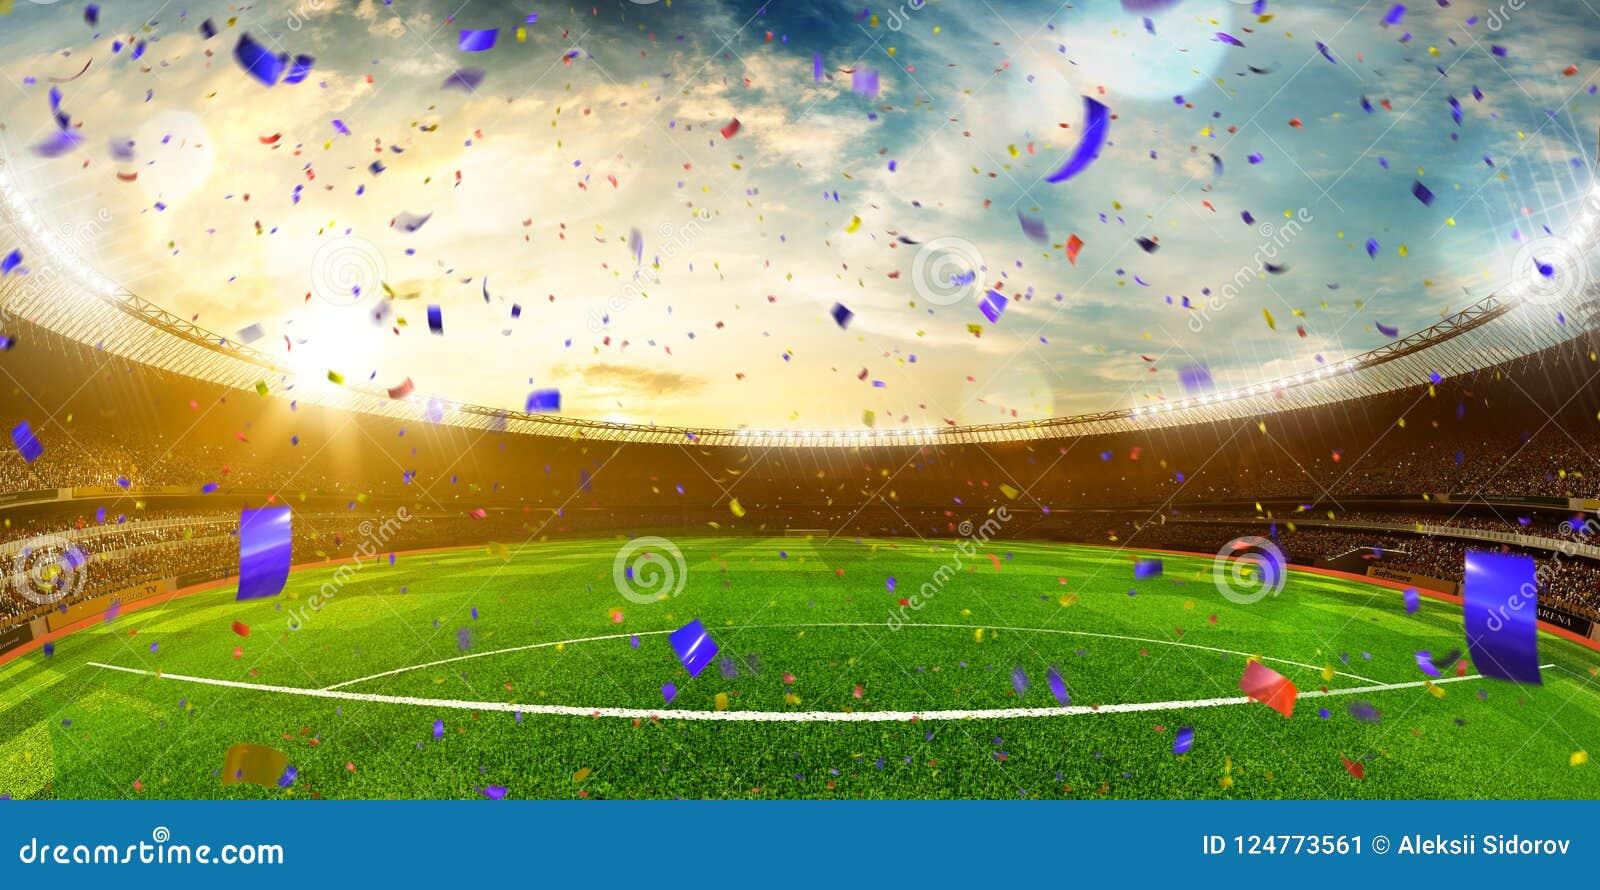 Выигрыш чемпионата футбольного поля арены стадиона вечера Желтая тонна